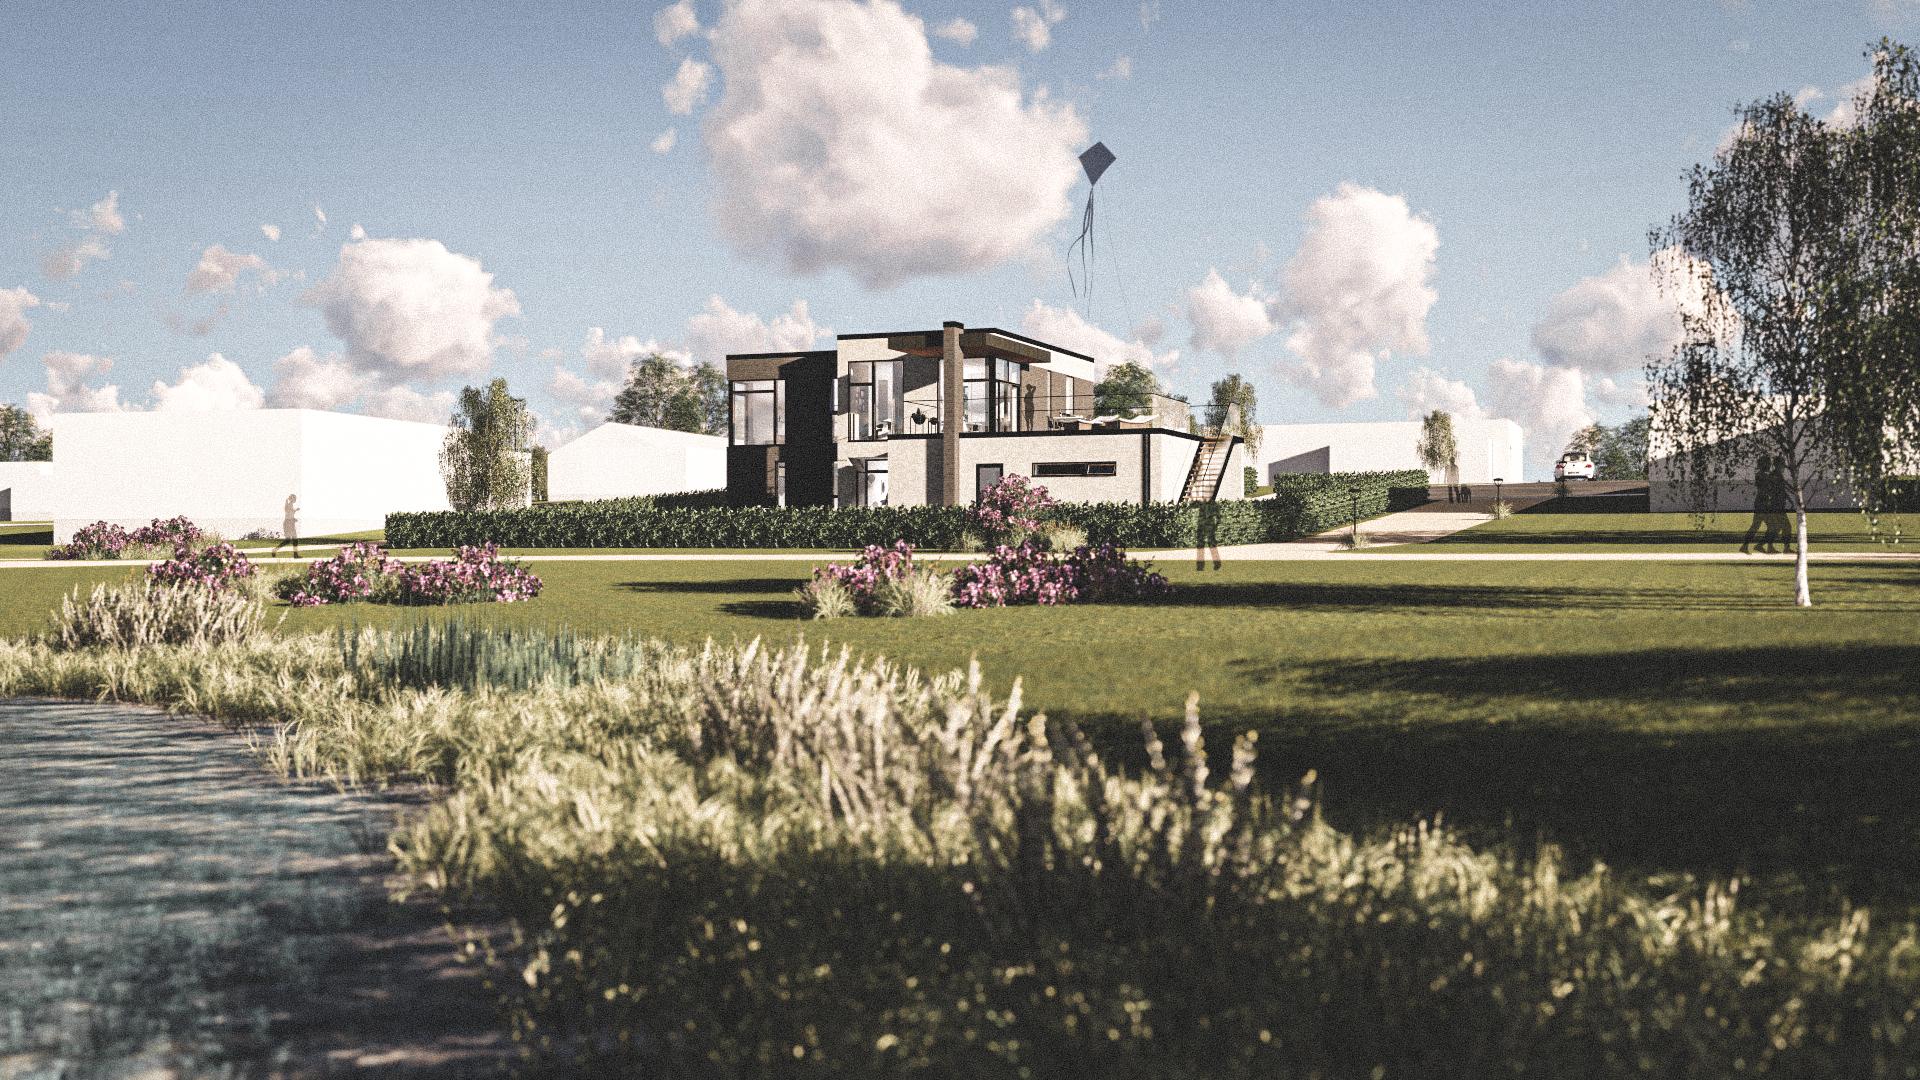 Billede af Dansk arkitekttegnet 2 plan villa af arkitektfirmaet m2plus, i Solbjerg på 223 kvartratmeter.